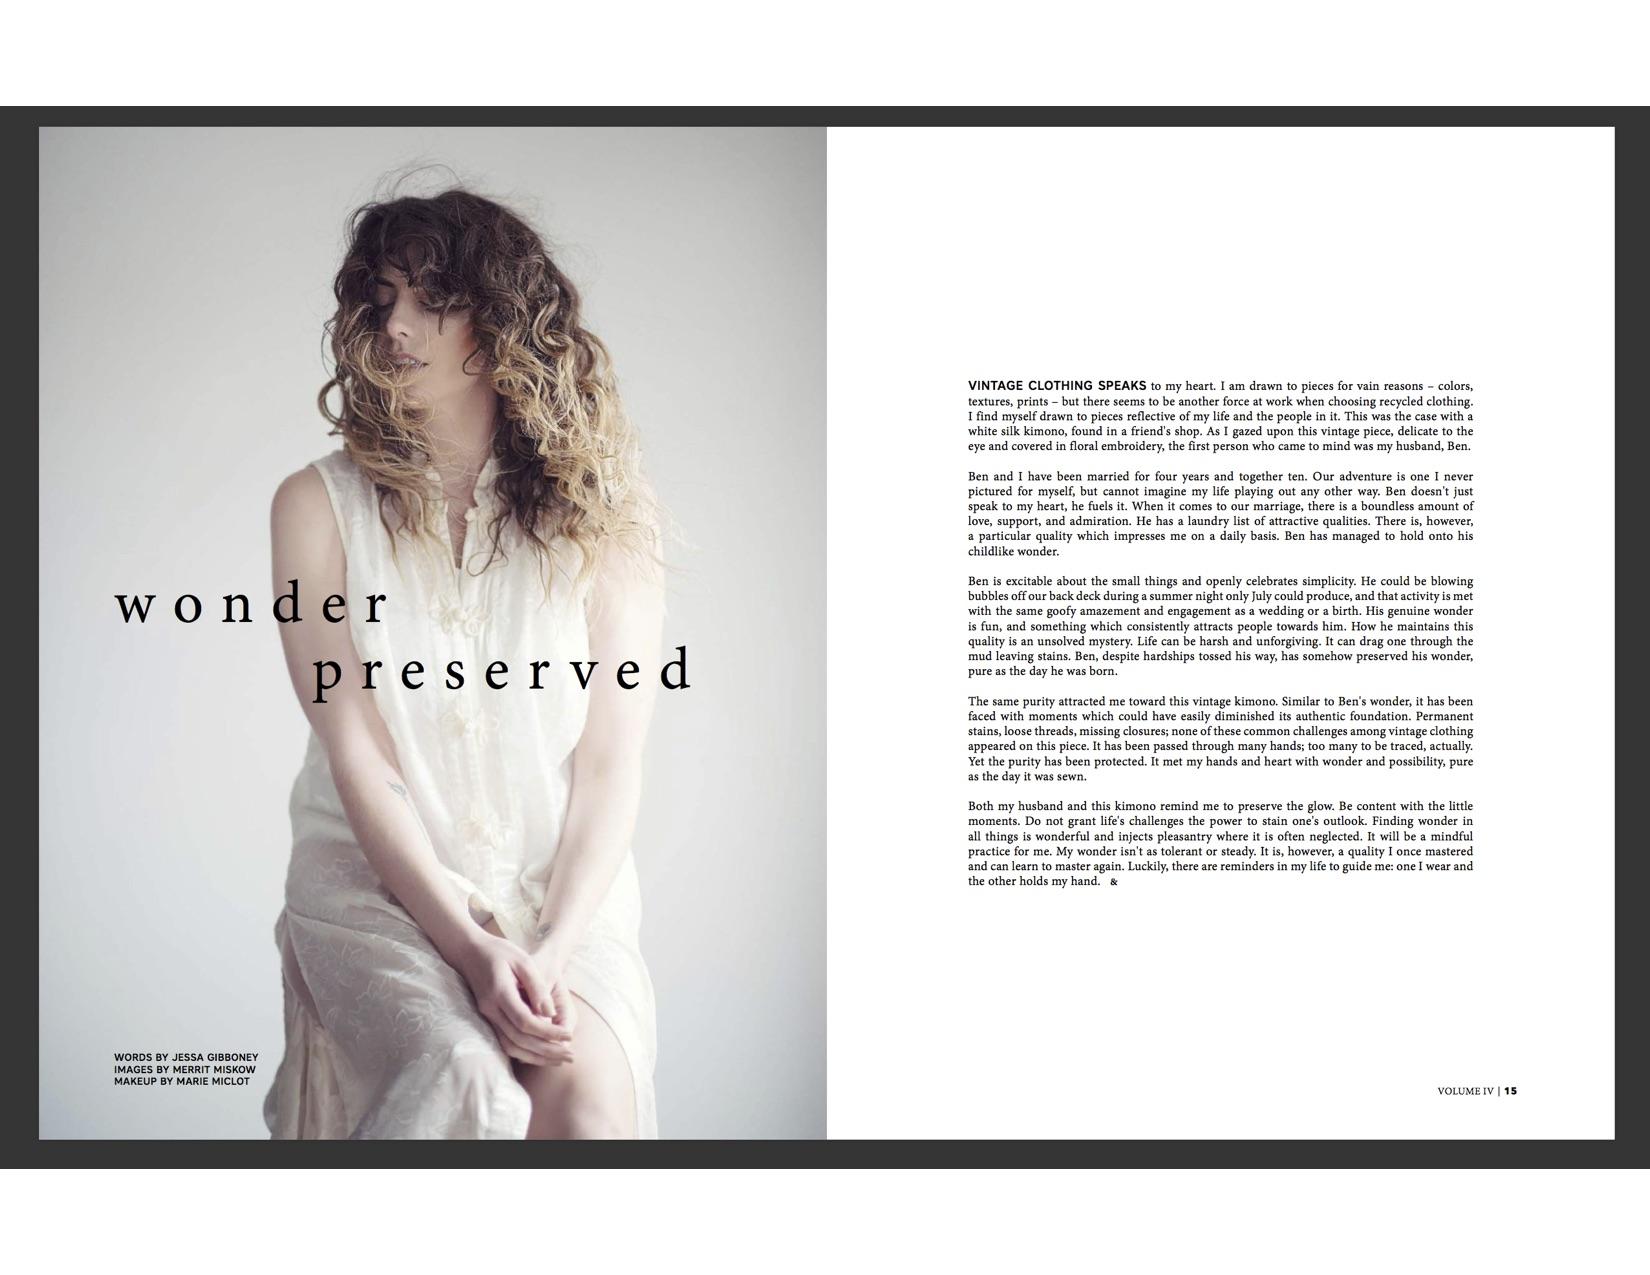 Wonder Preserved by Jessa Gibboney | Holl & Lane Magazine